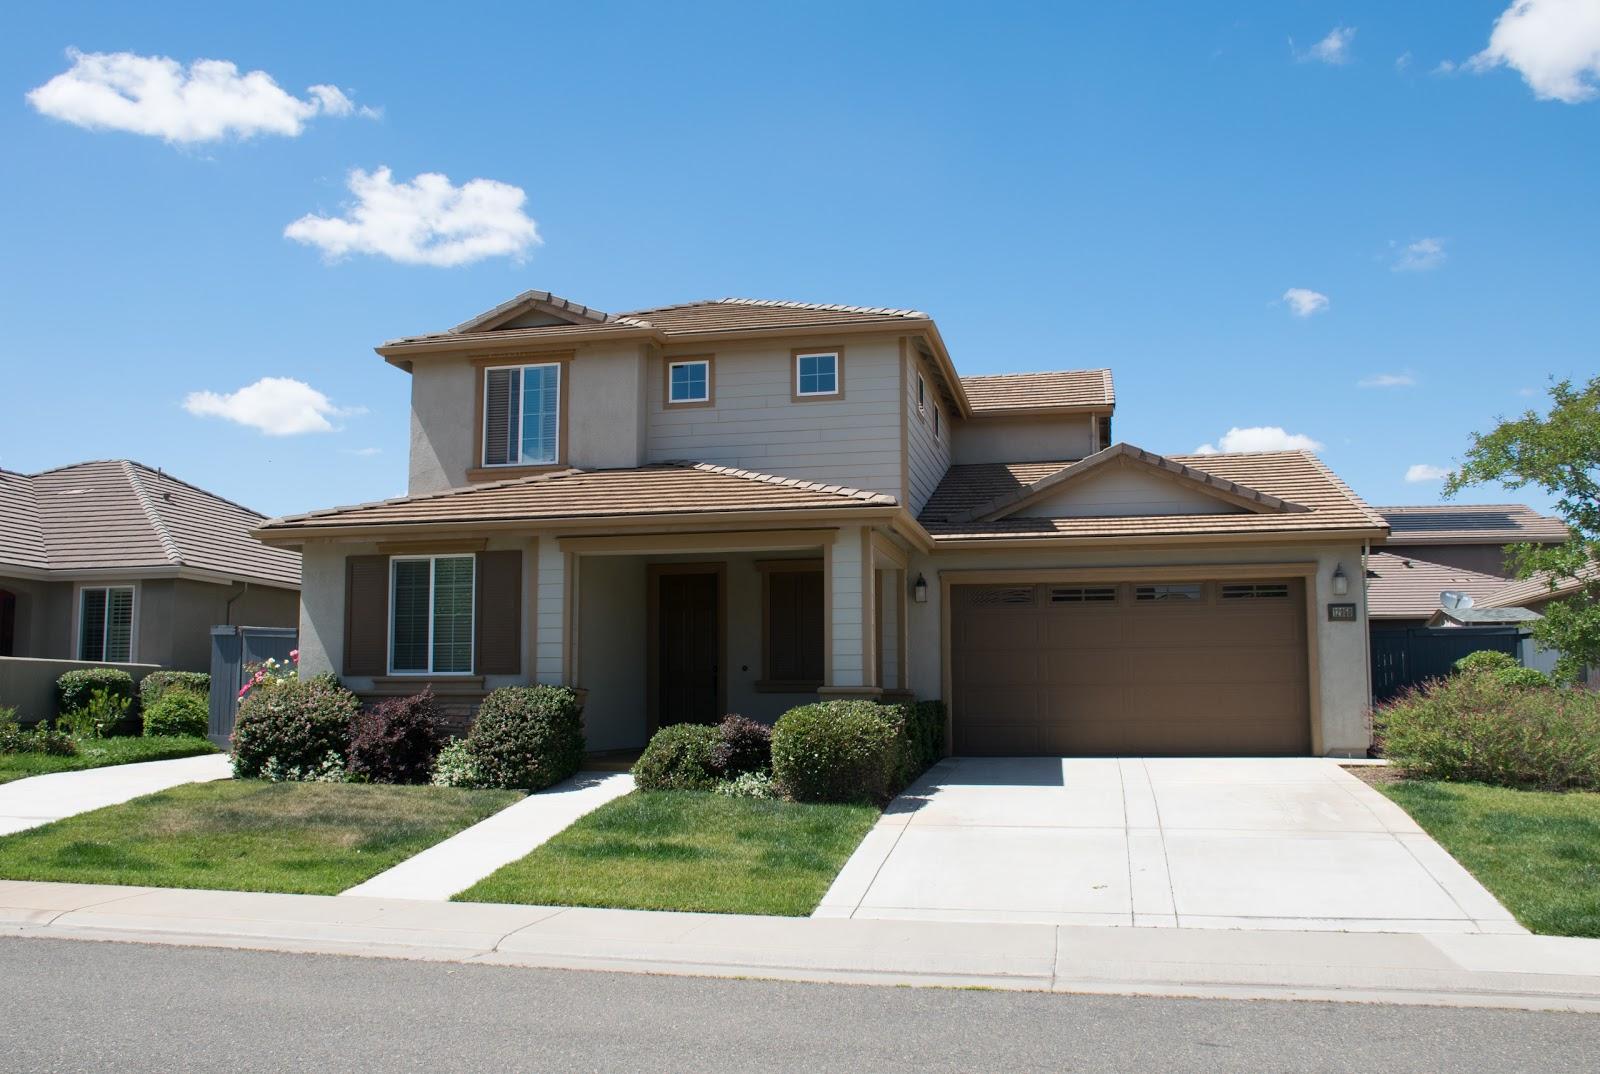 A nous la californie deux ans en californie for Acheter une maison aux usa